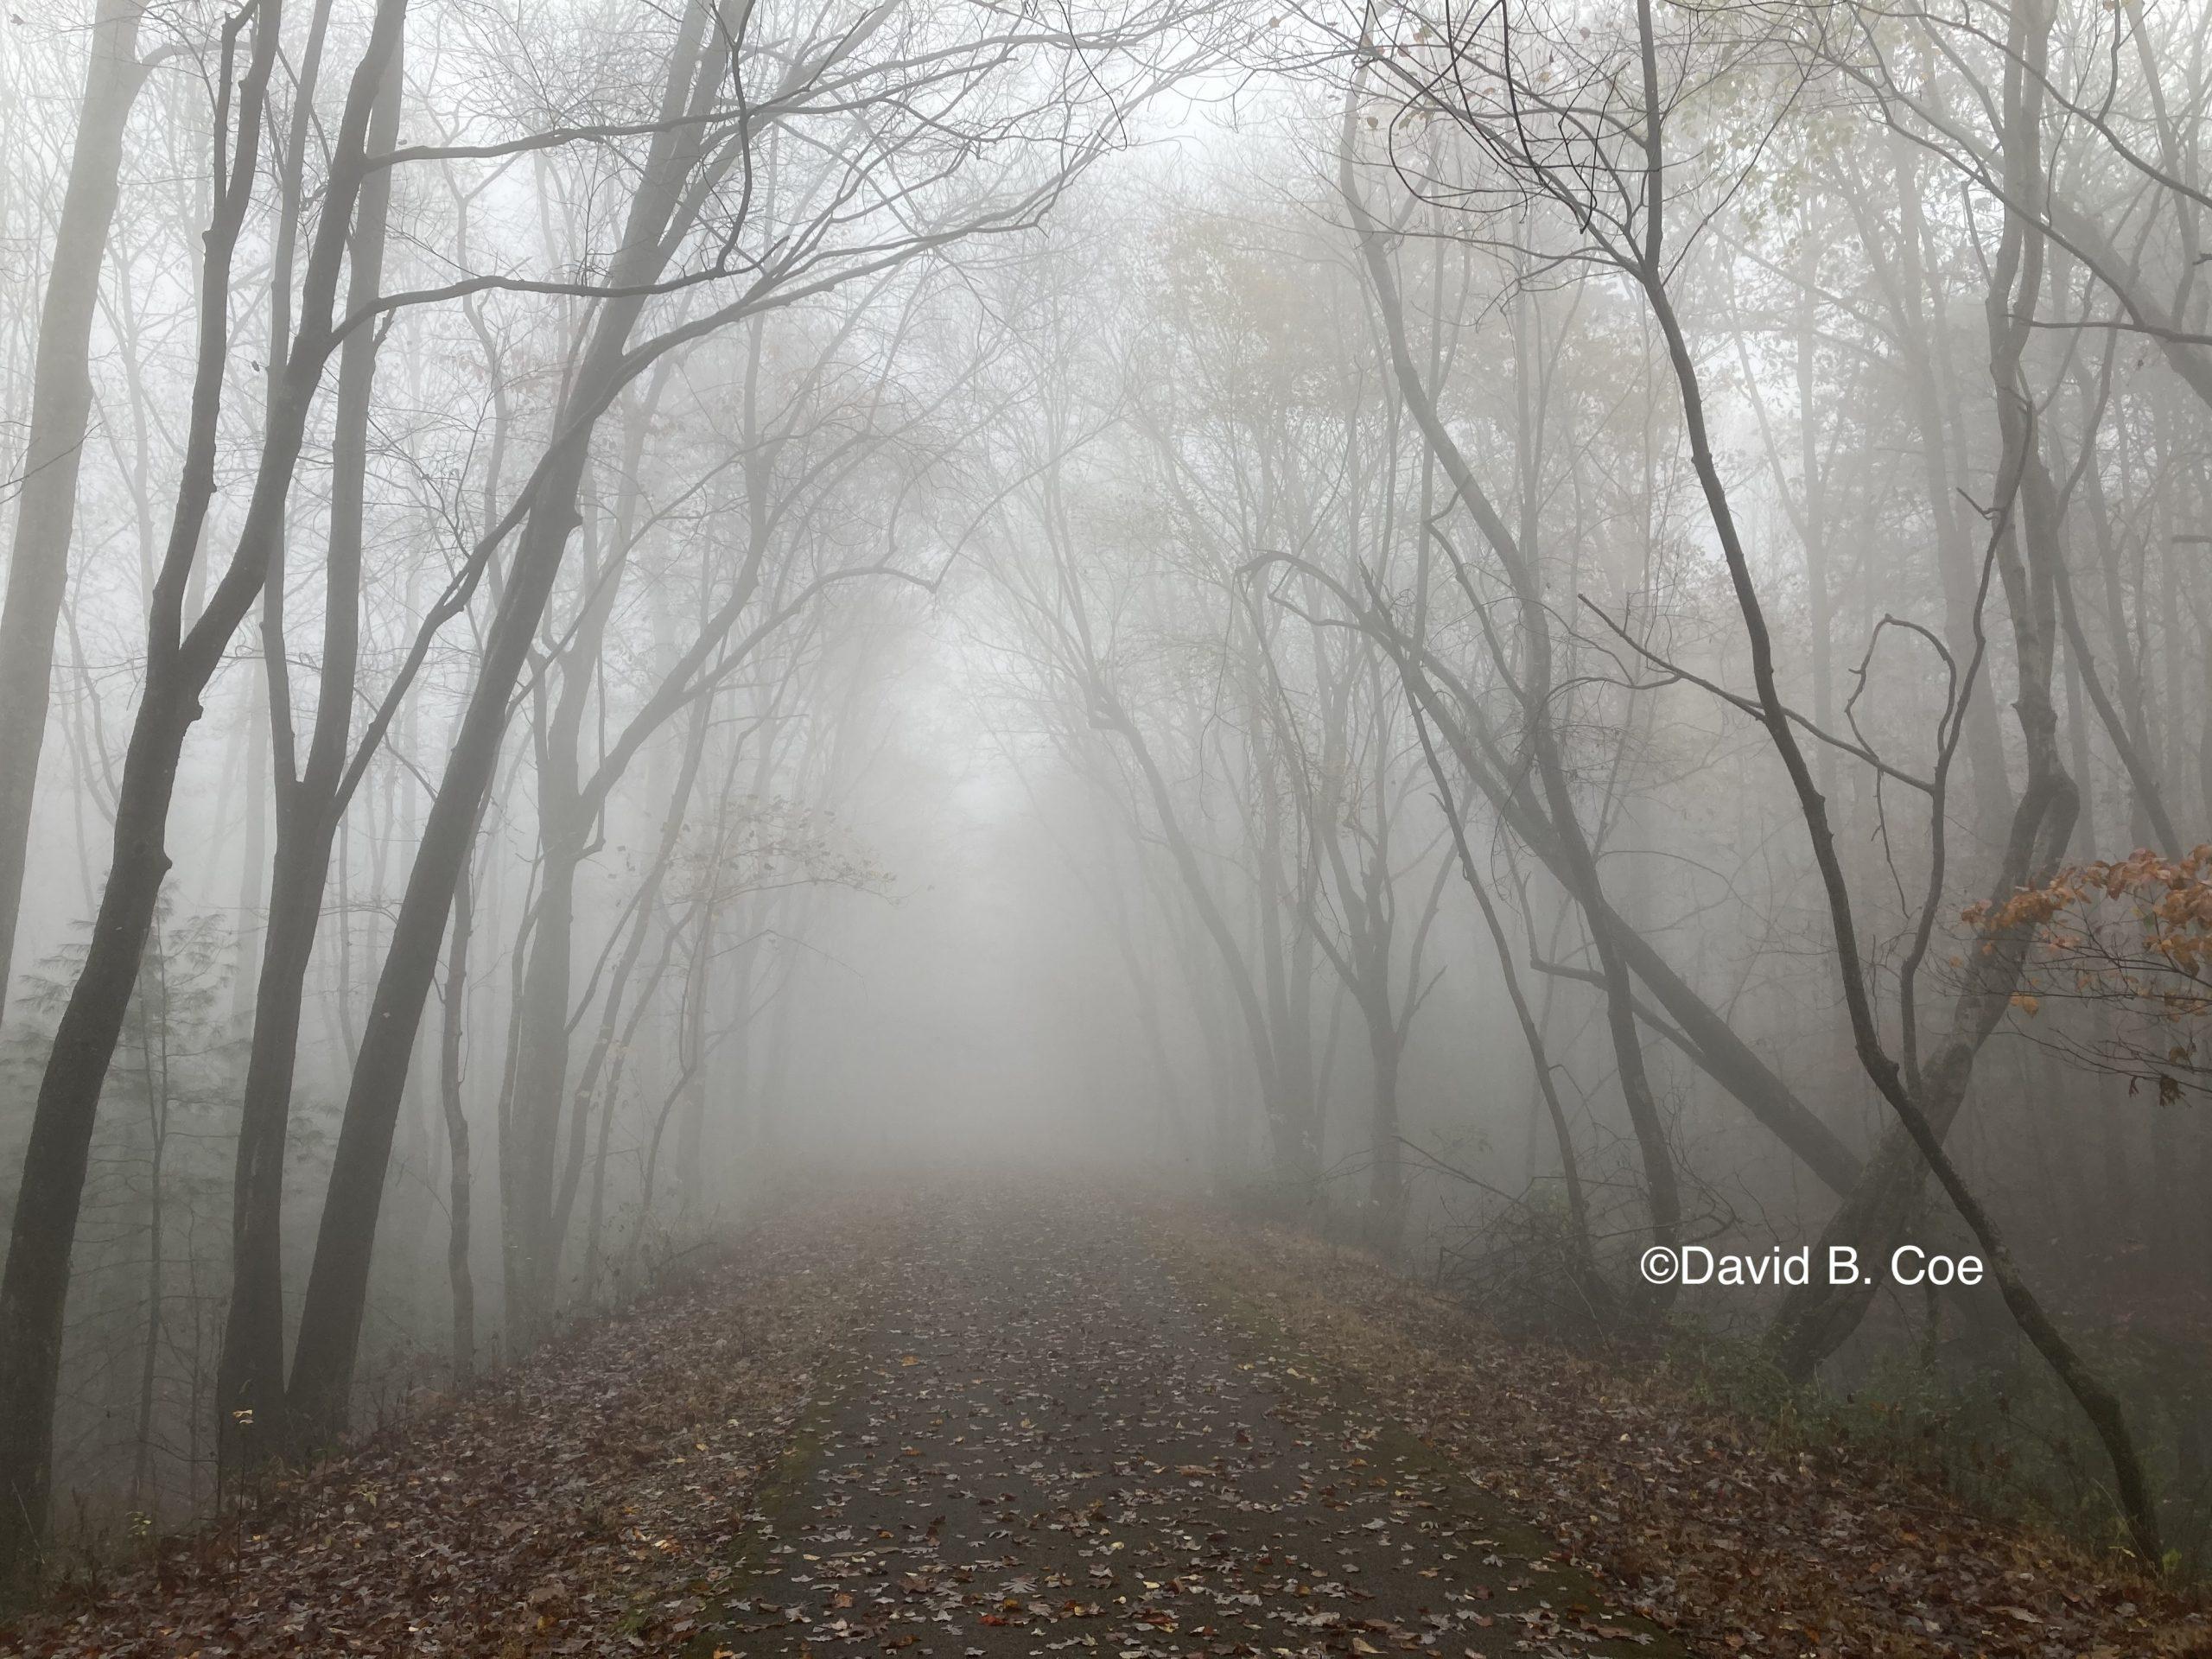 Foggy Path, by David B. Coe